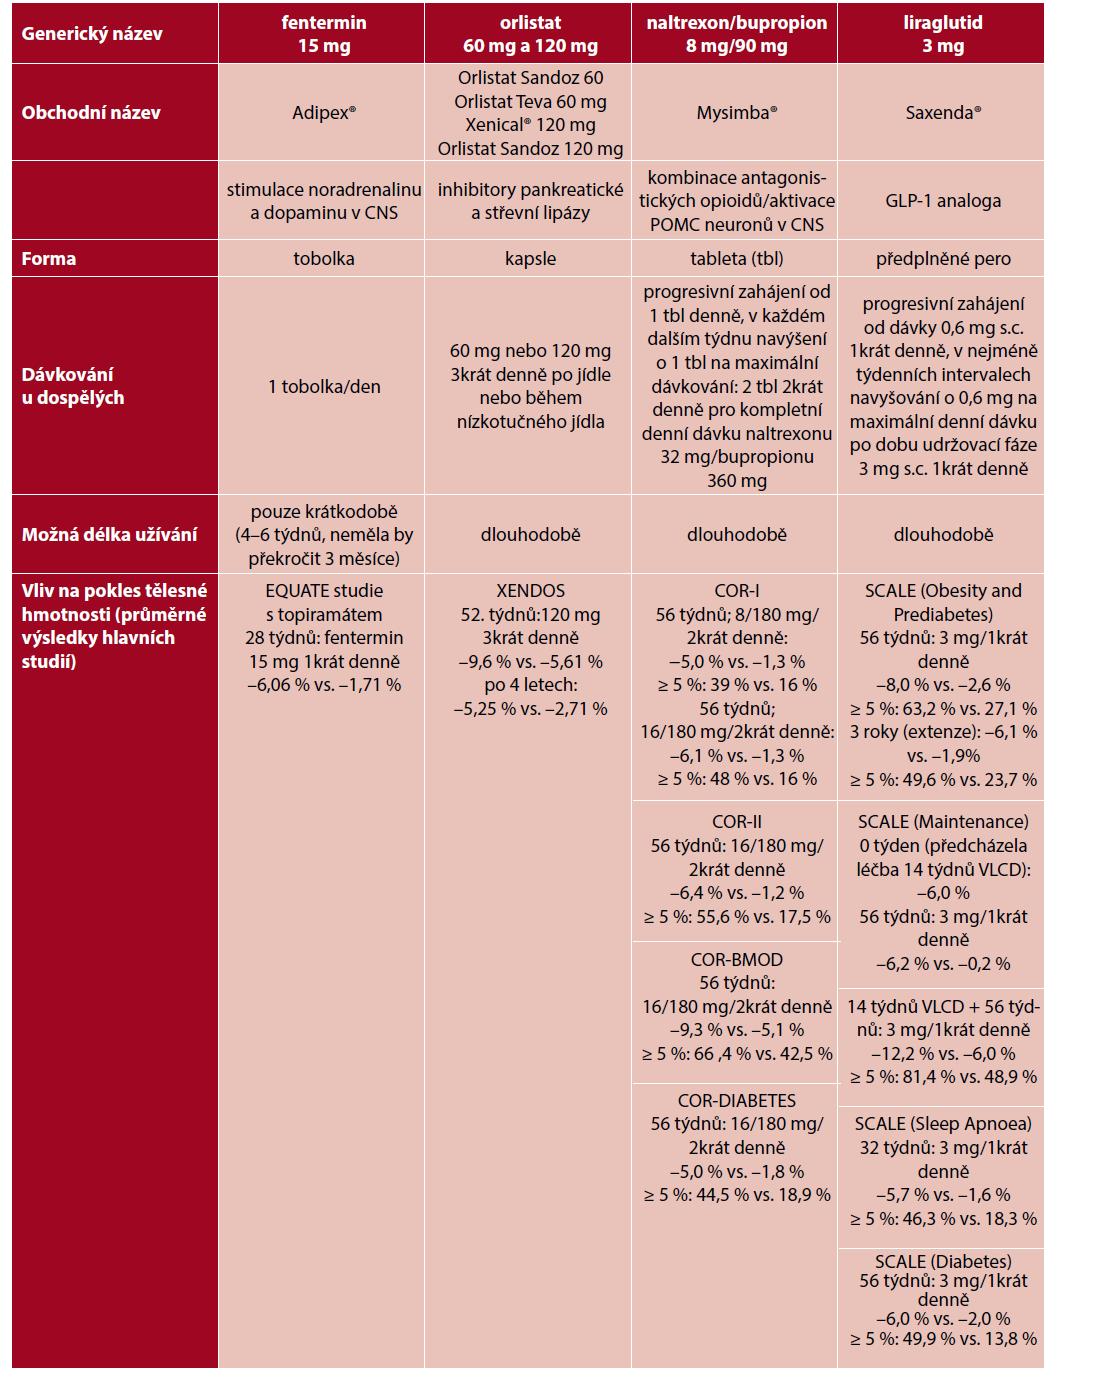 Antiobezitika schválená v ČR, jejich popis a přehled statisticky významných výsledků studií hodnotících průměrné poklesy tělesné hmotnosti (udávané v % výchozí hmotnosti) u pacientů léčených daným antiobezitikem oproti (vs) kontrolní skupině; ≥5 %: zastoupení osob, které dosáhli více než 5% redukce výchozí váhové hmotnosti při léčbě daným antiobezitikem oproti (vs.) kontrolní skupině (zpracováno dle studií 13–15, 23–25, 31–34, 47).